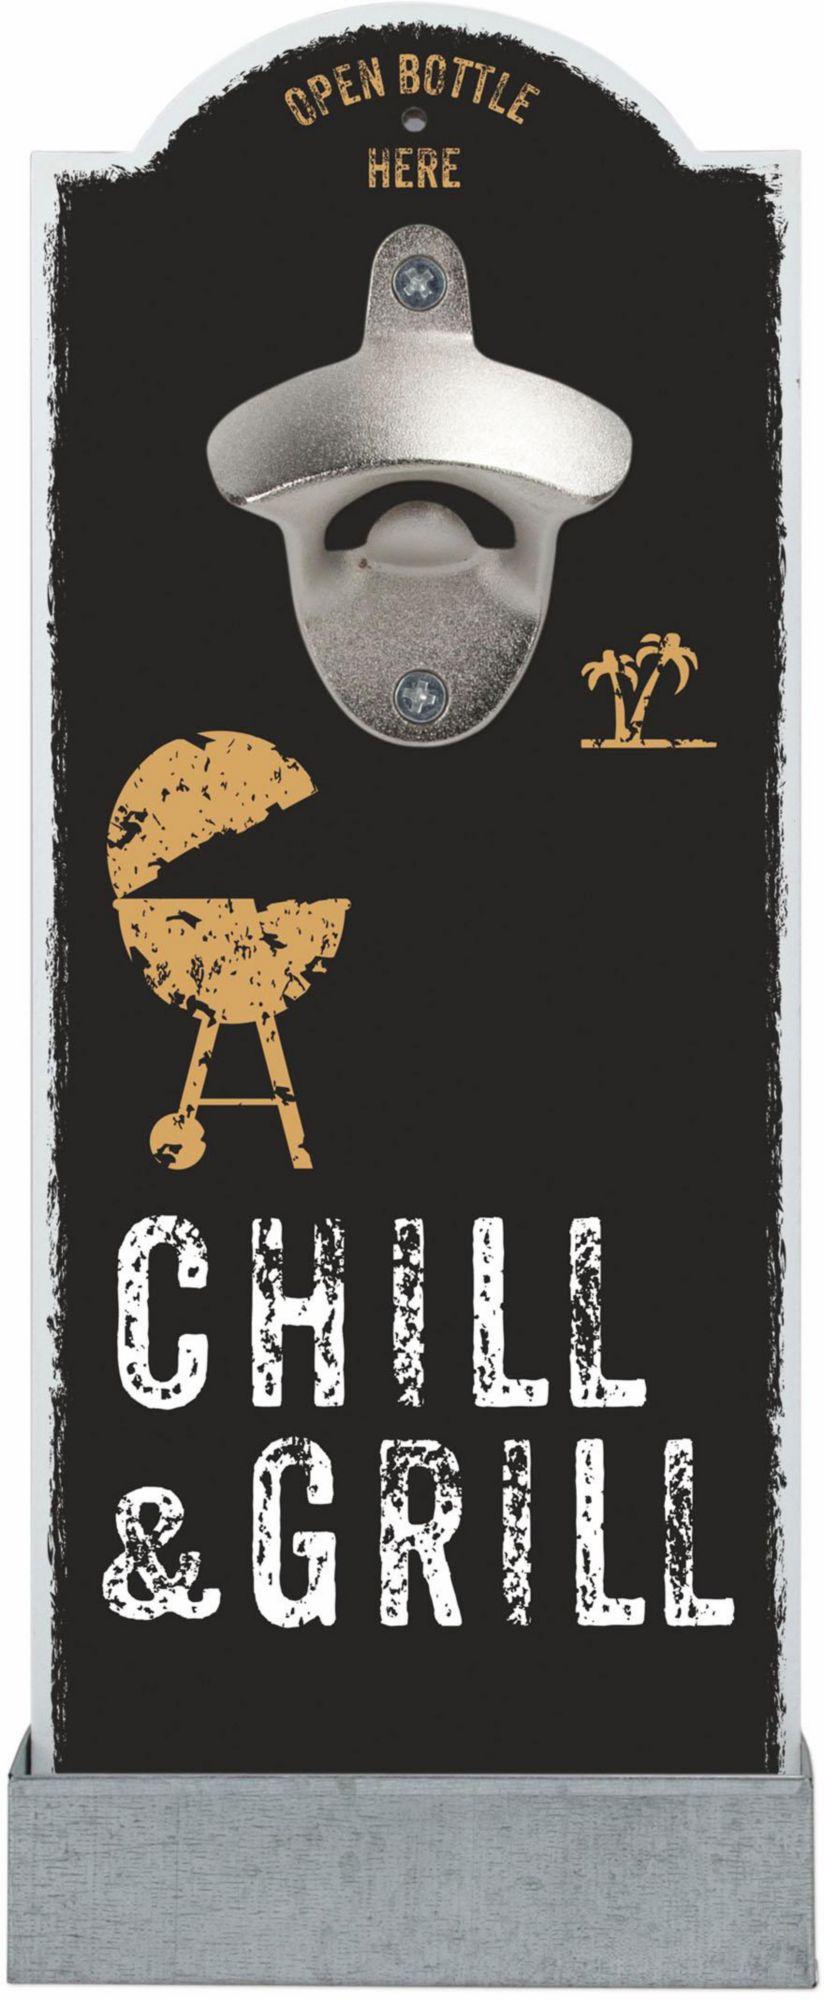 CONTENTO Contento Wand-Flaschenöffner »Chill & Grill«, MDF, Digitaldruck